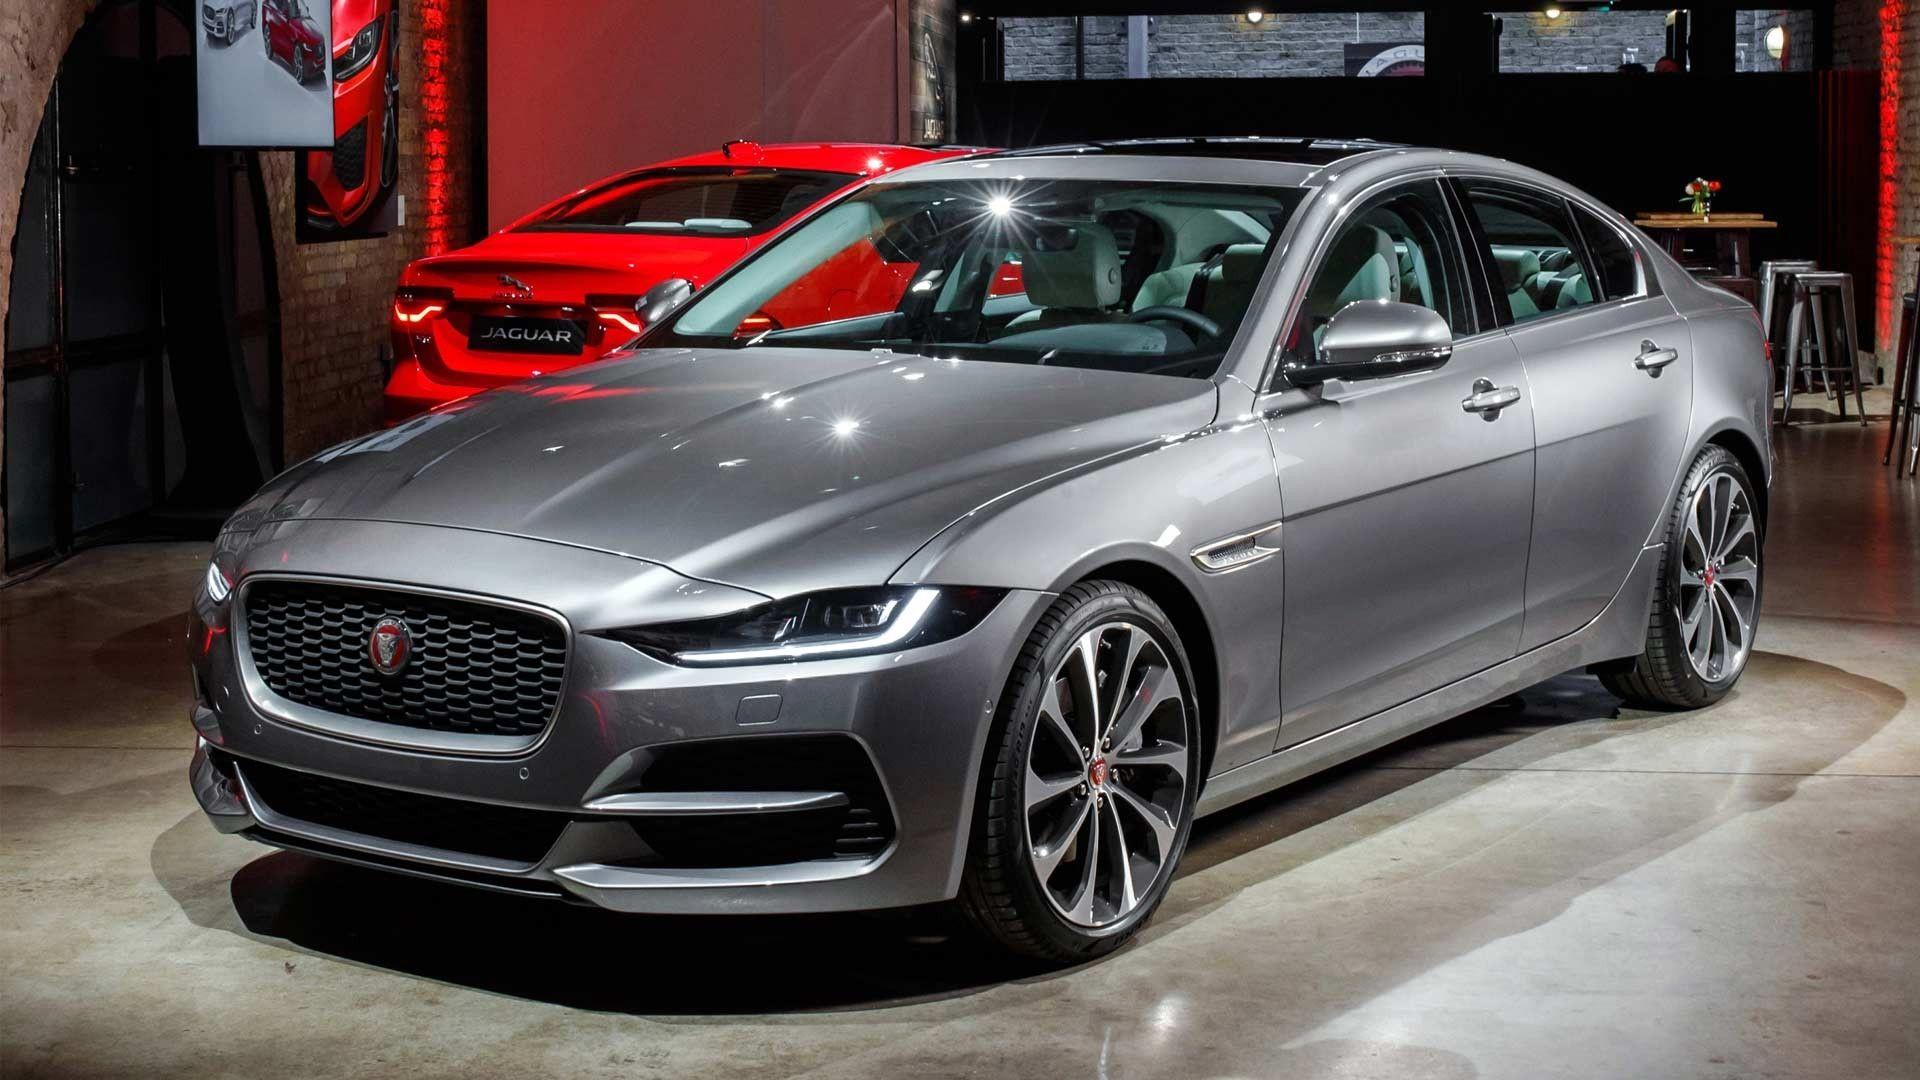 New Jaguar Xe 2020 Interior Review And Price Di 2020 Sedan Jaguar